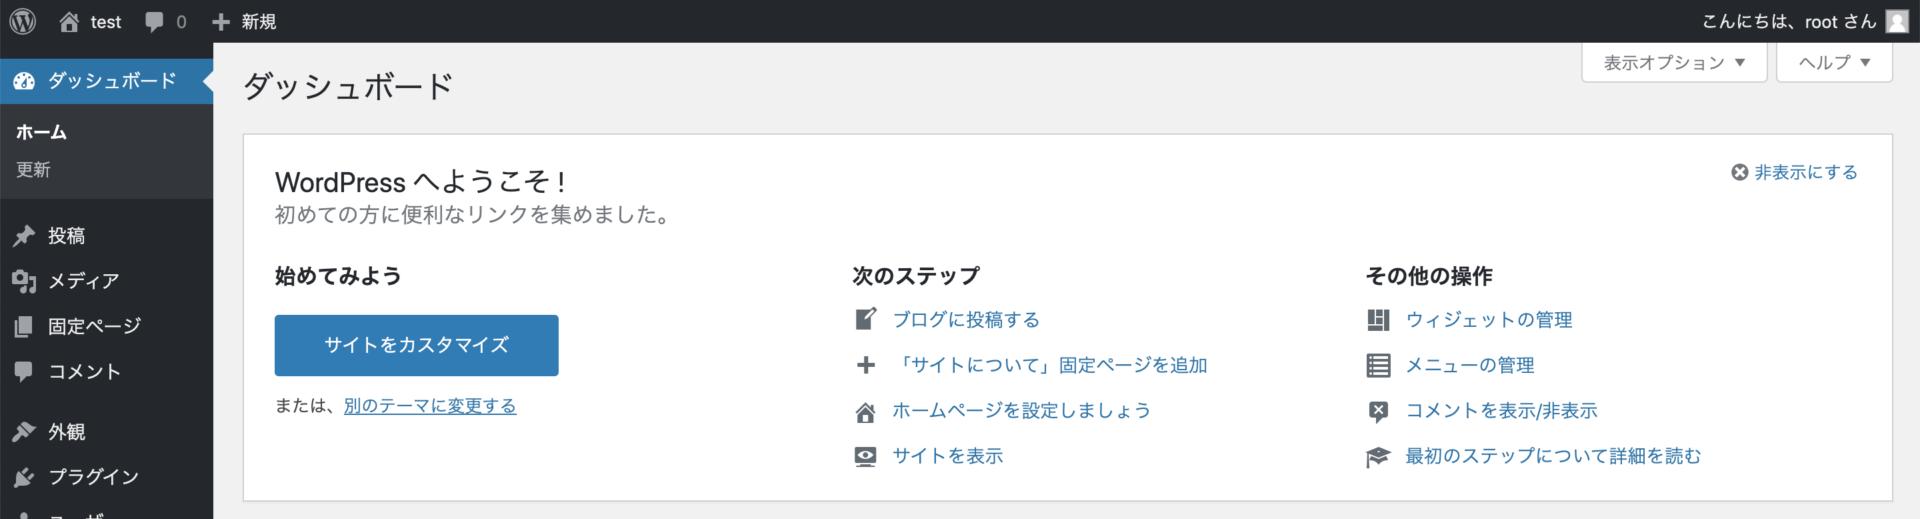 WordPressへようこそ !